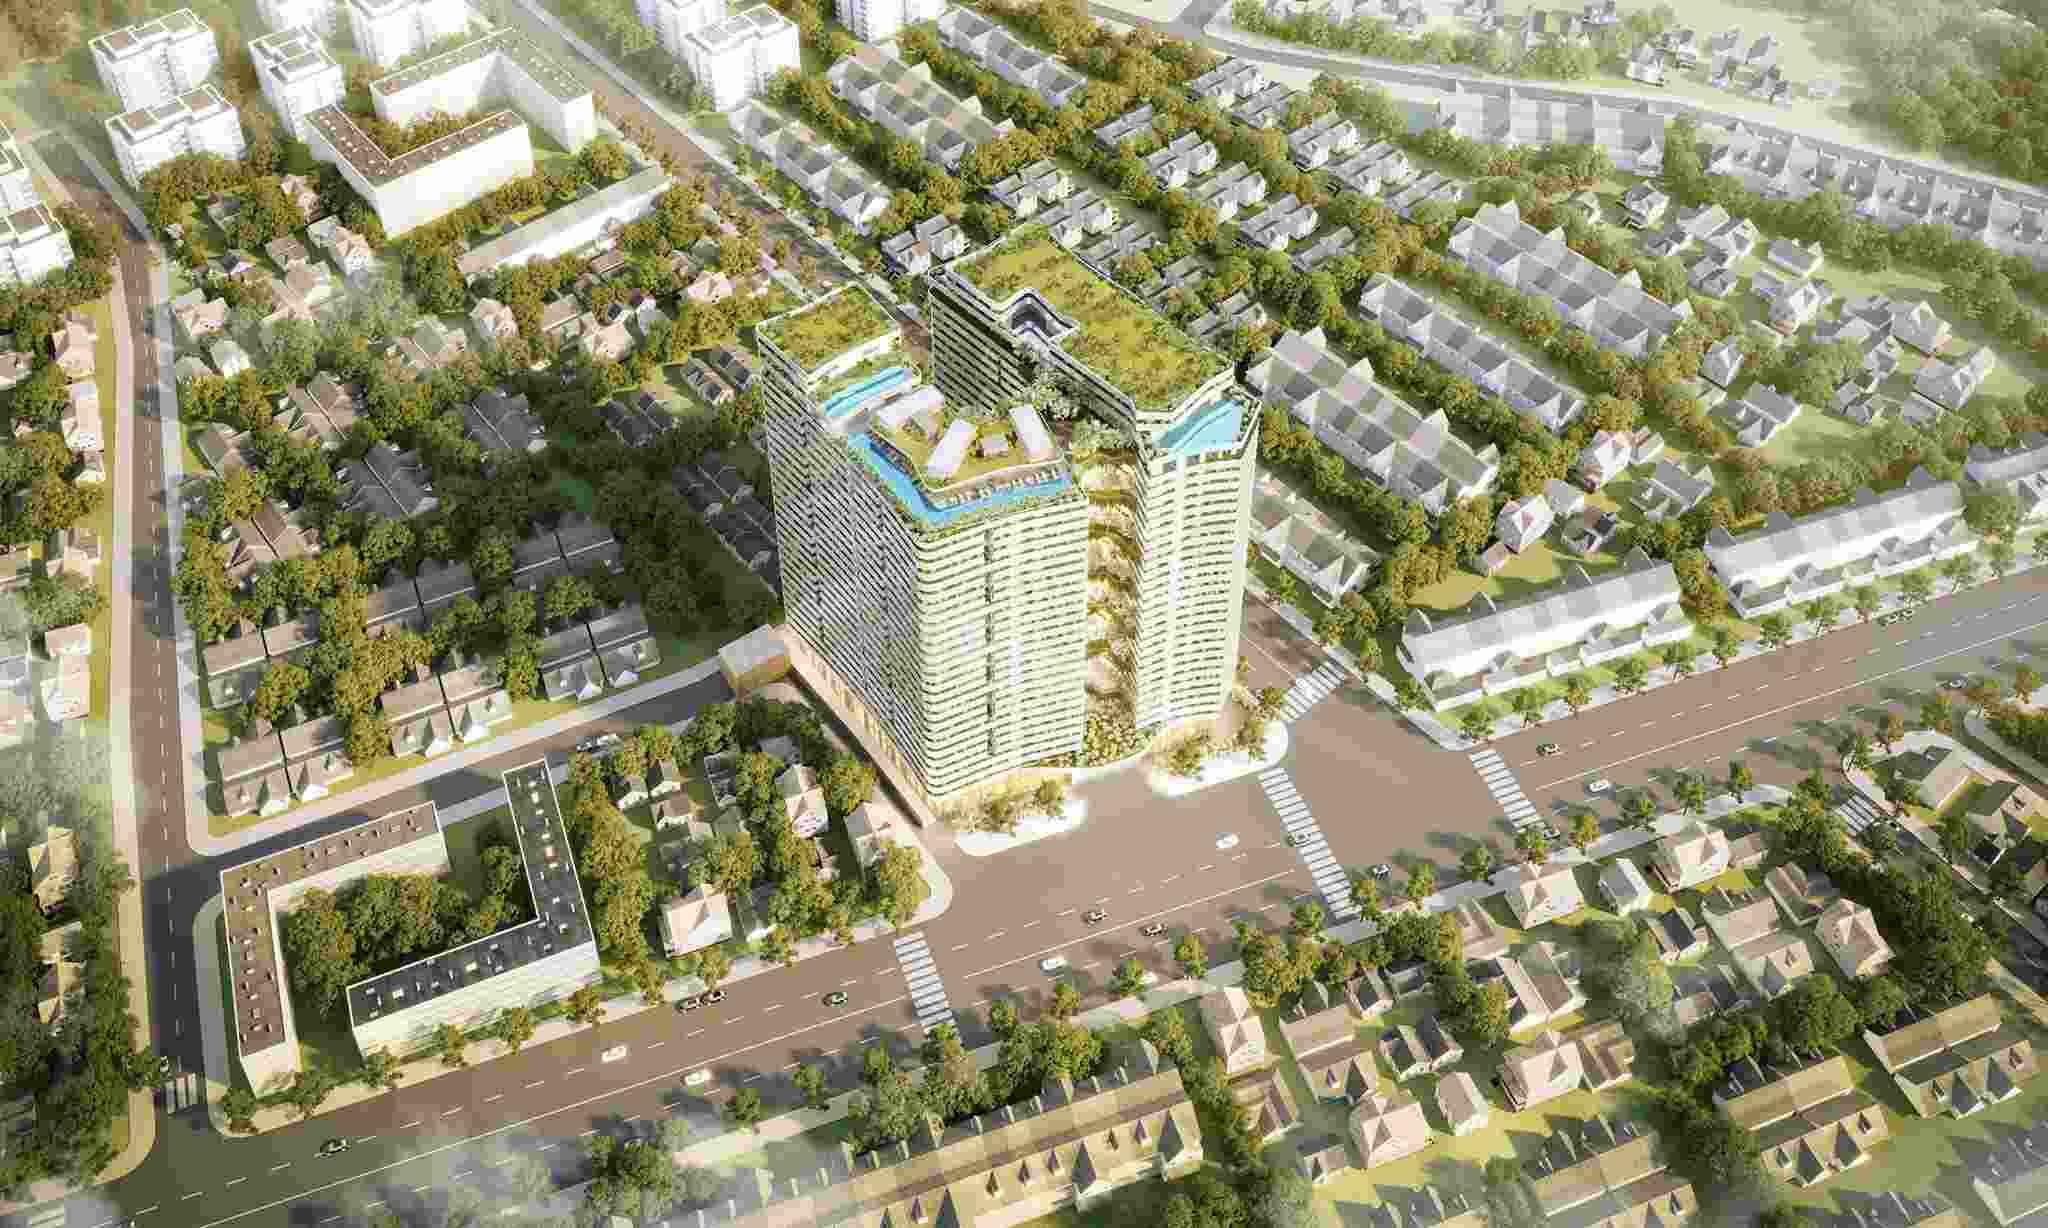 Phối cảnh dự án căn hộ Victoria Garden quận Bình Tân